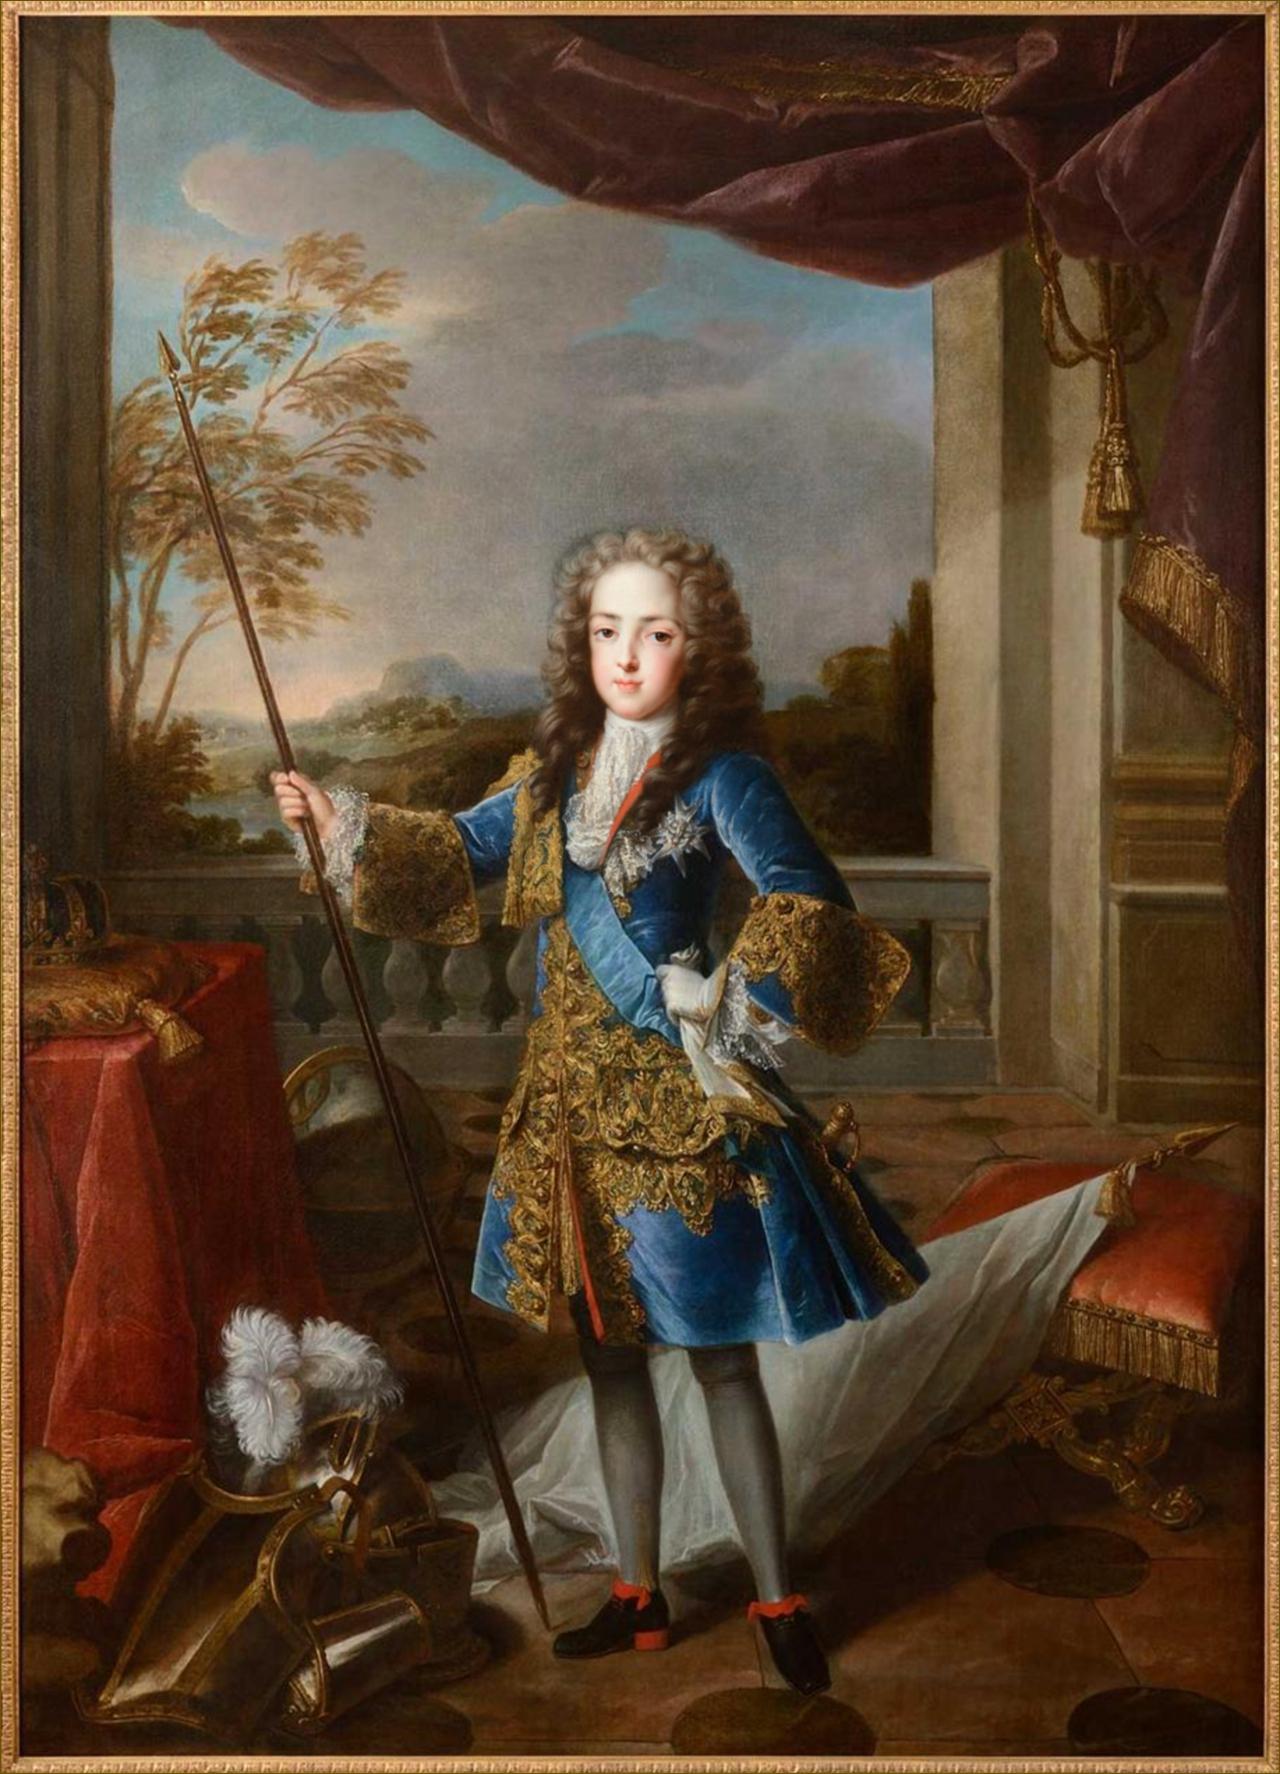 Louis XV, roi de France, vers 1720, par De Troy